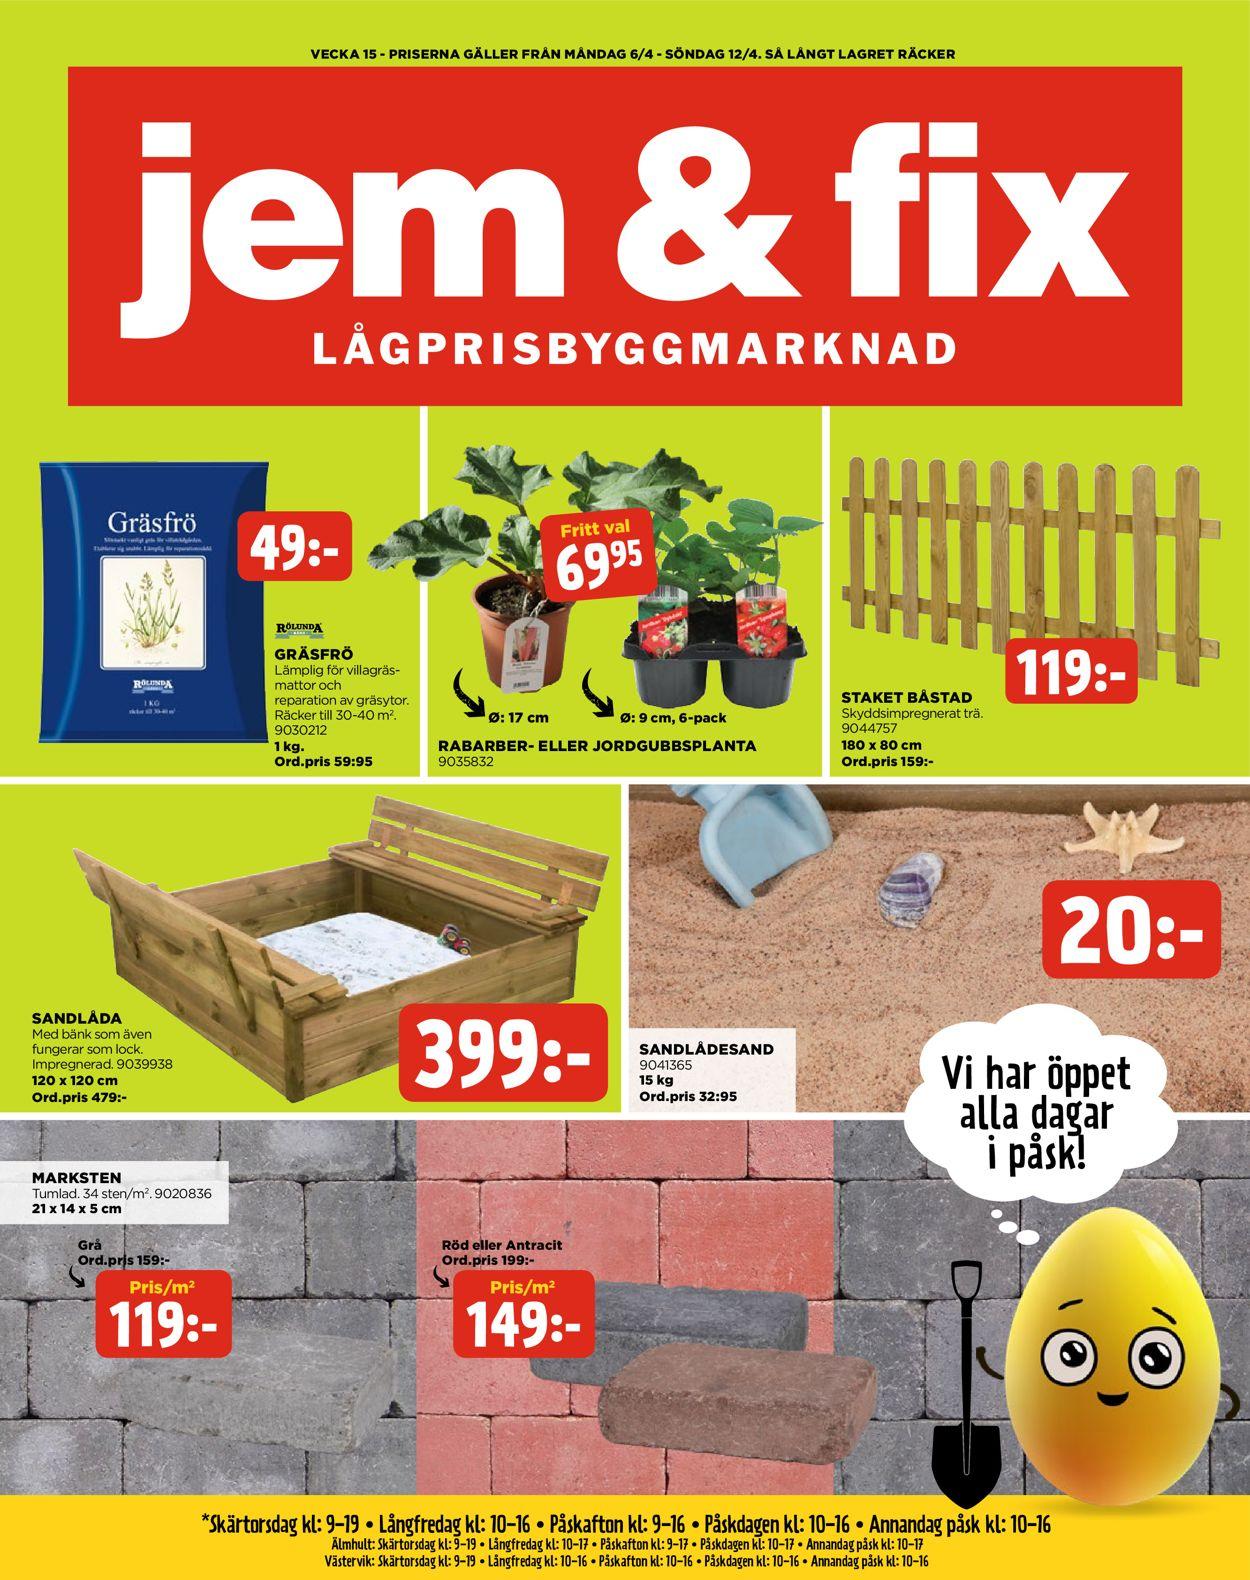 Jem & Fix - Reklamblad - 06/04-12/04-2020